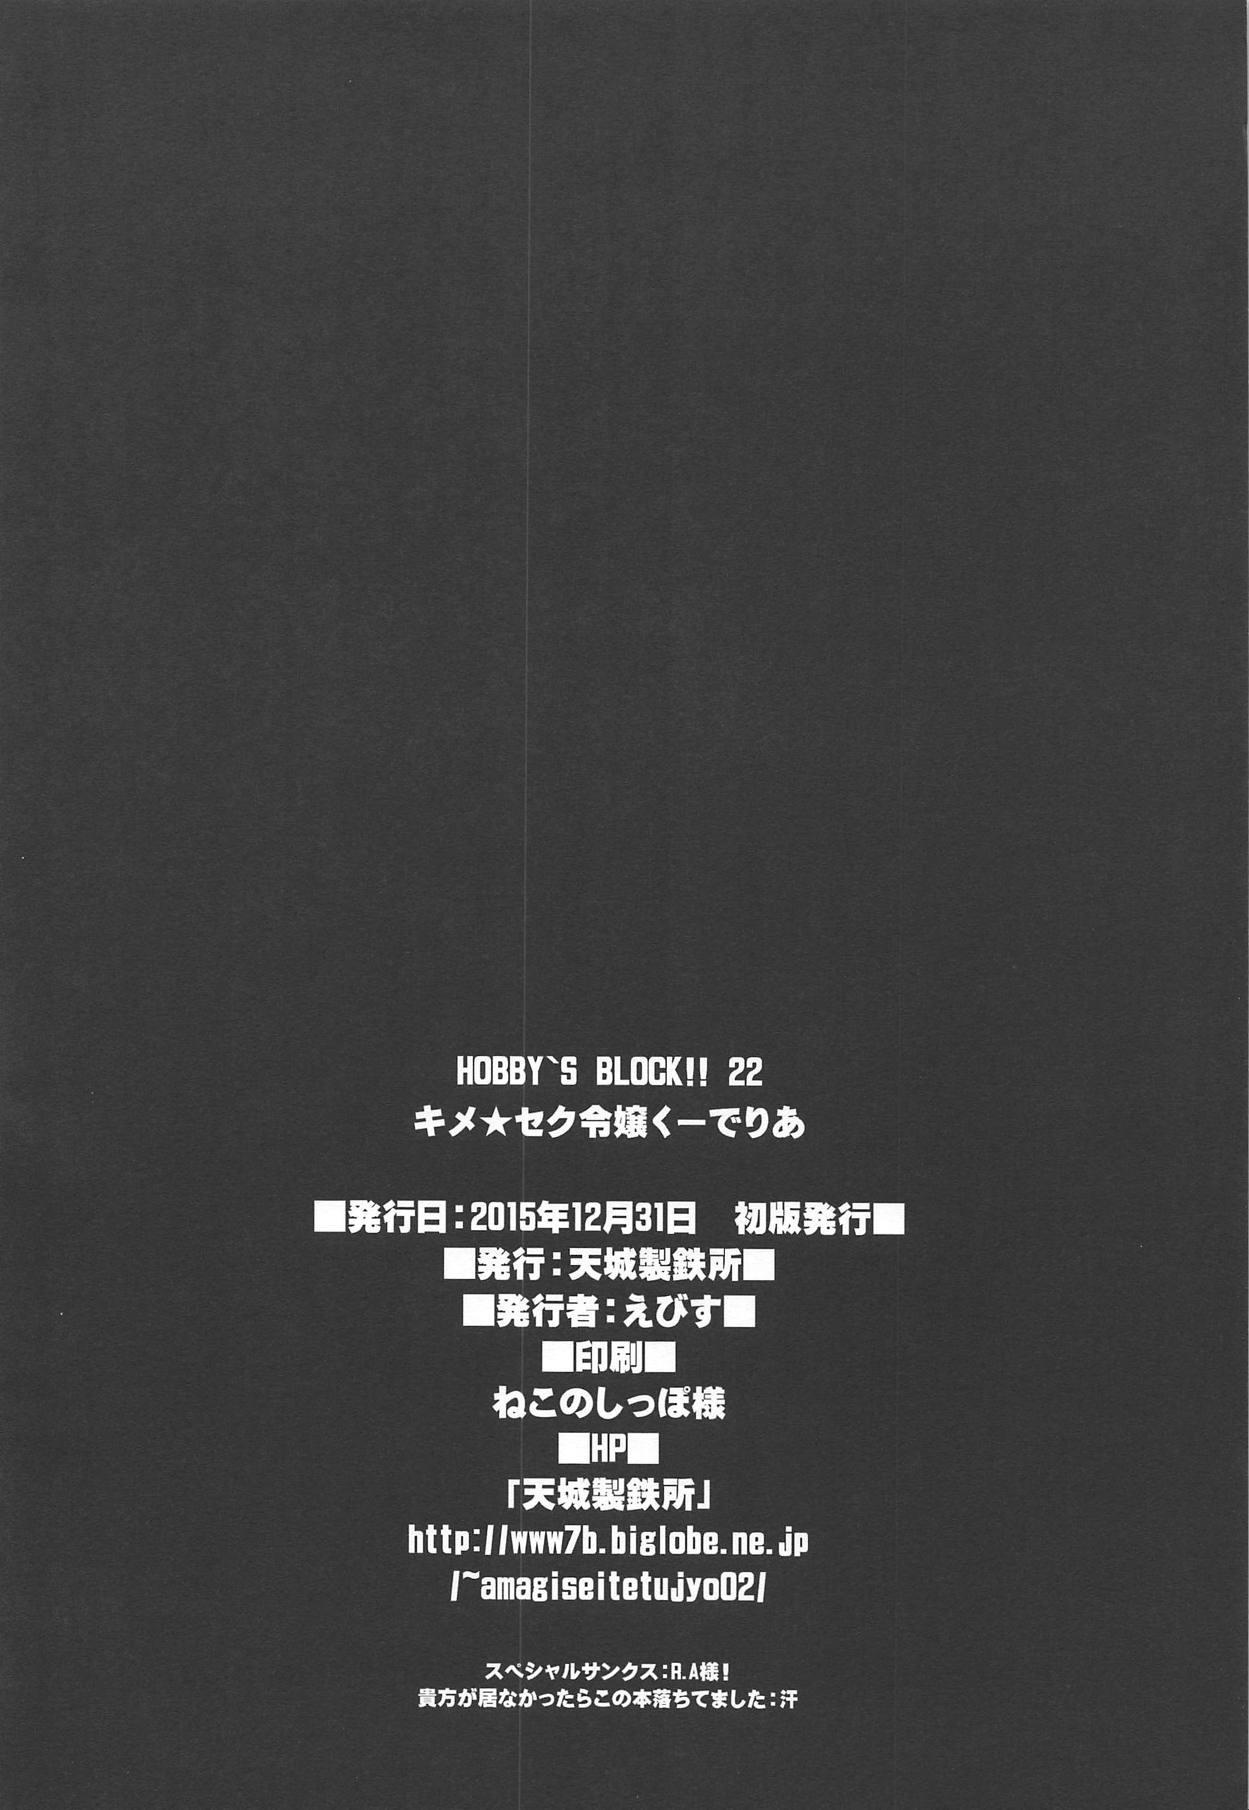 HOBBY'S BLOCK!! 22 Kimeseku Reijou Kudelia 28